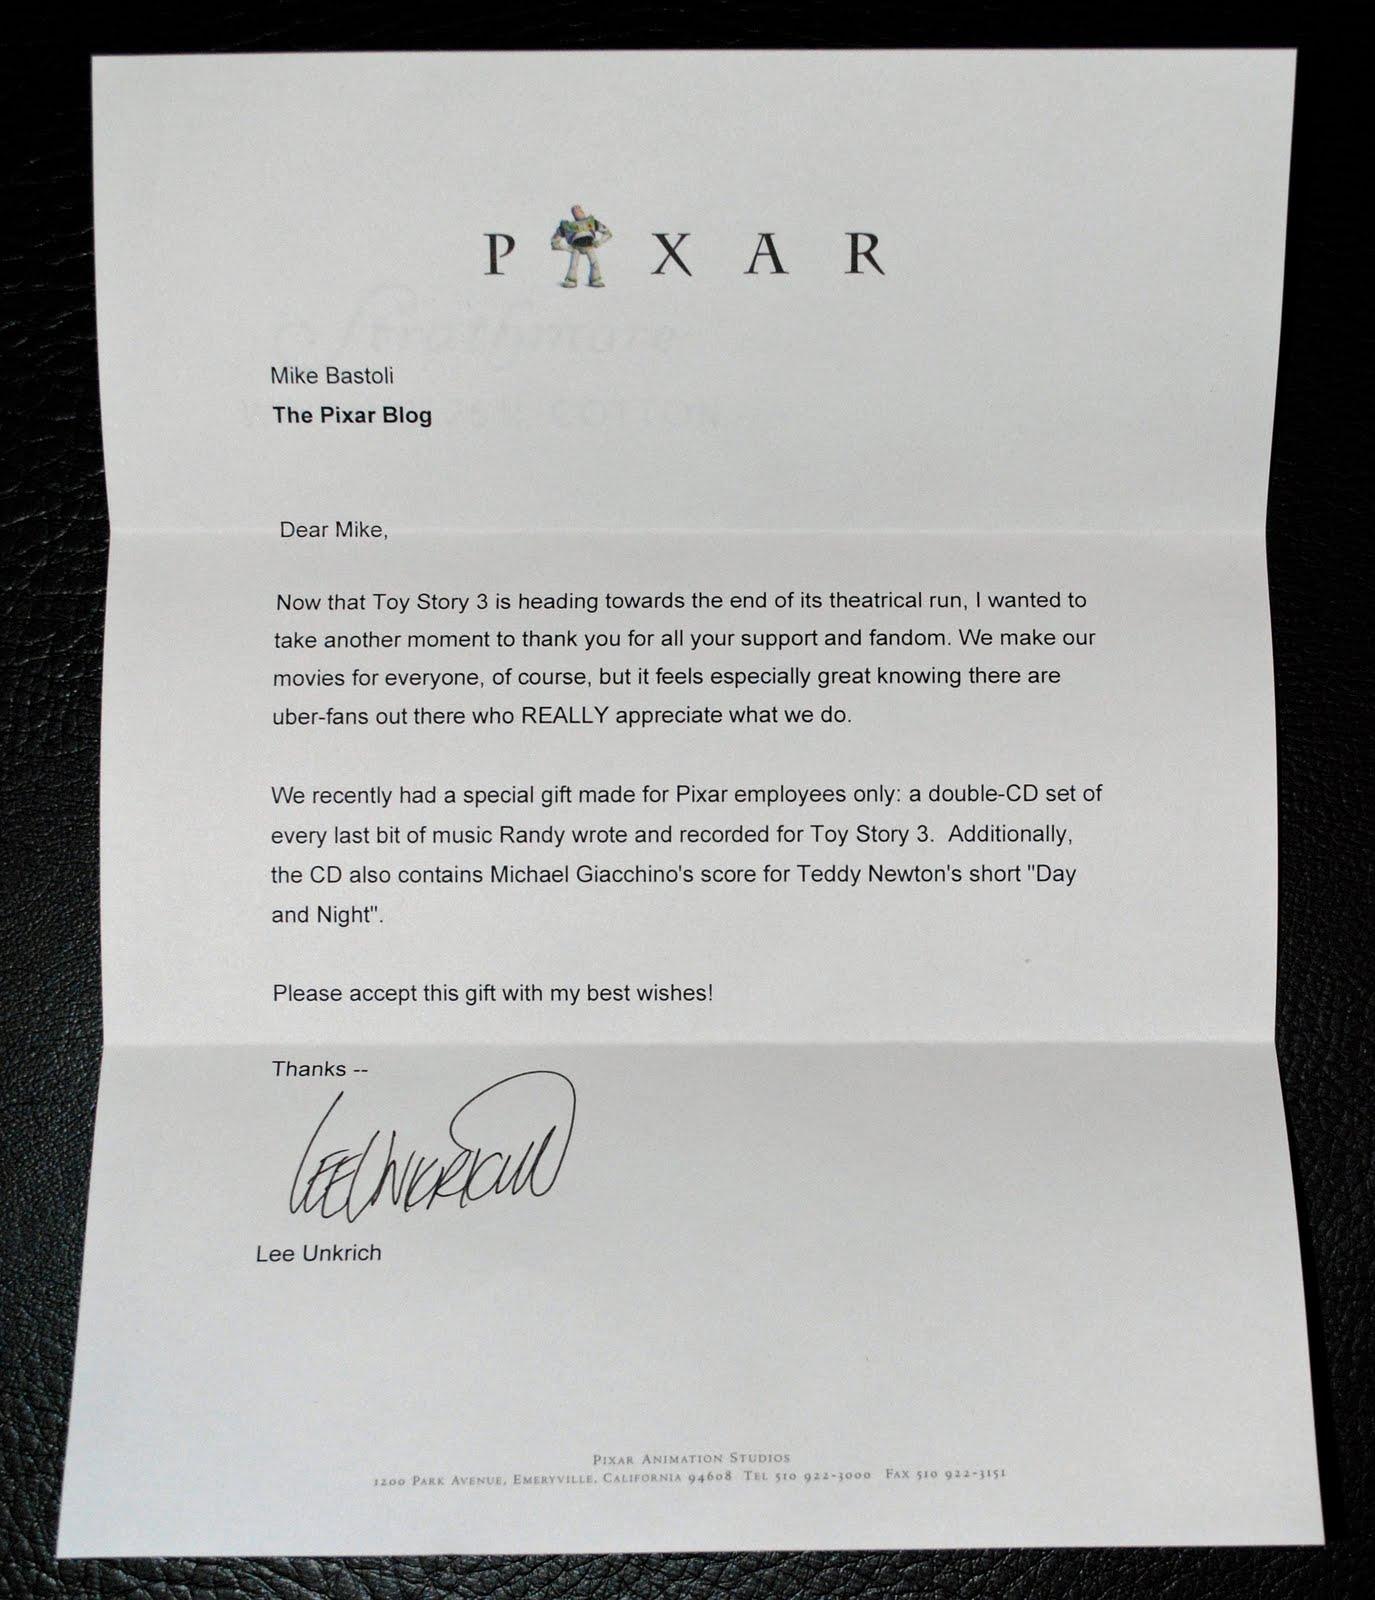 Recommendation Letter For Employee Bonus Sample Customer